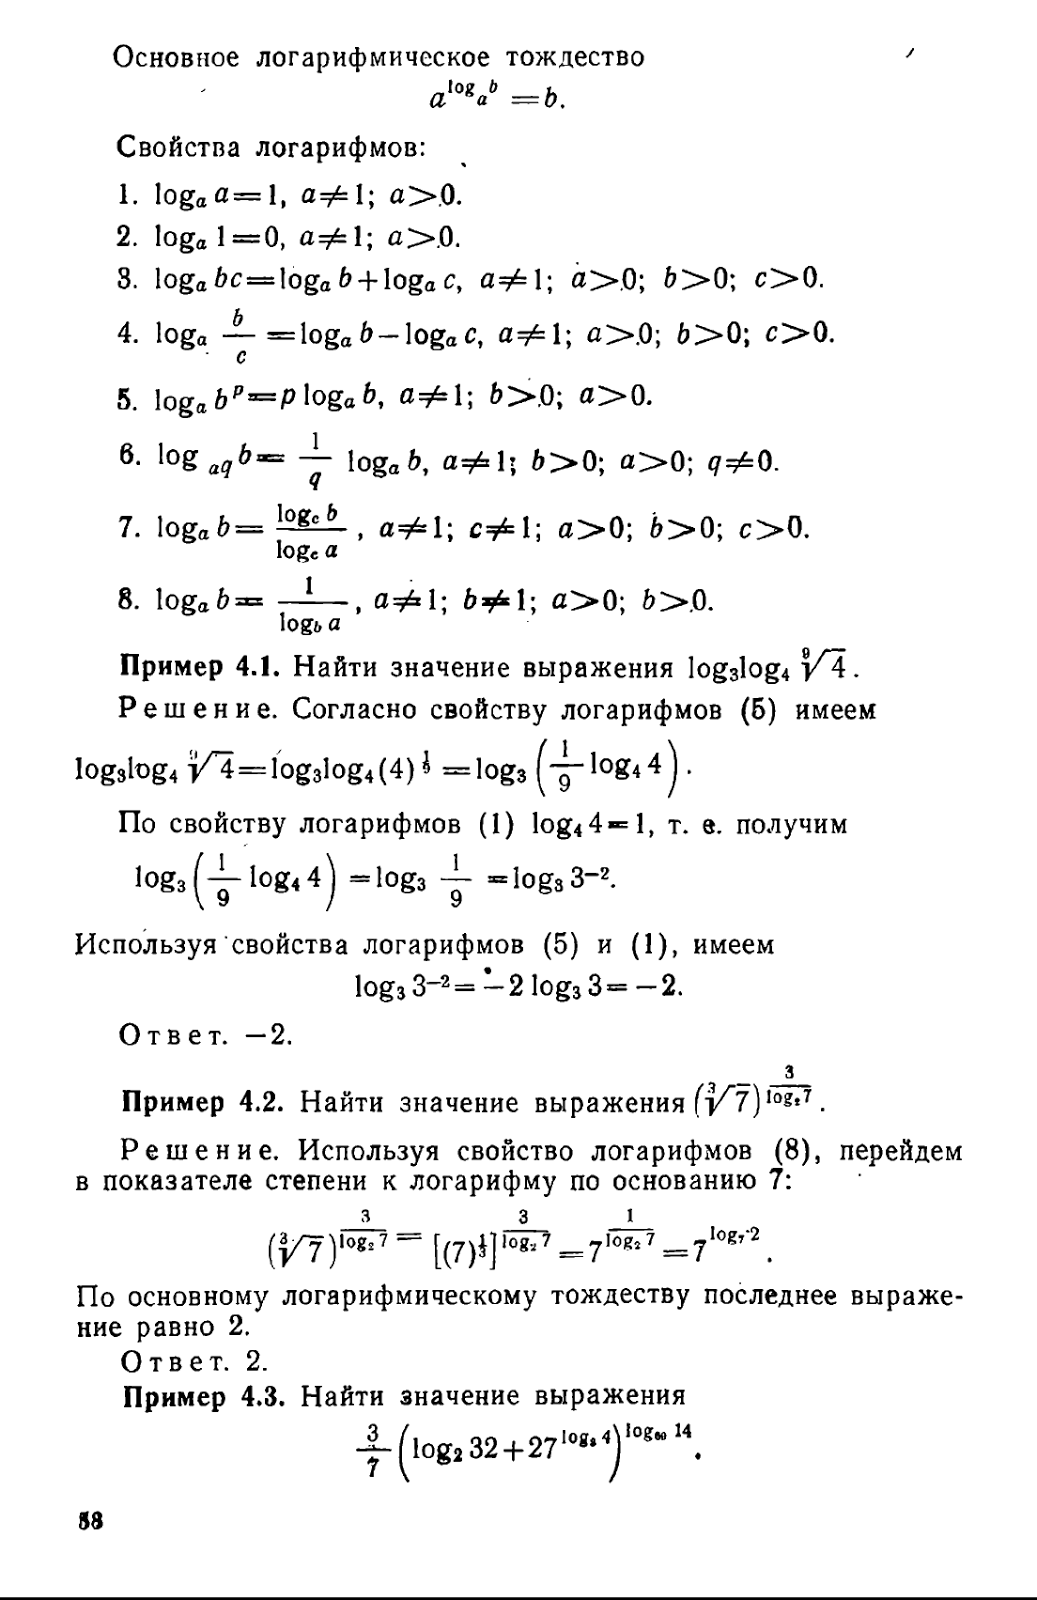 294Системы тренировочных задач и упражнений по математике гдз